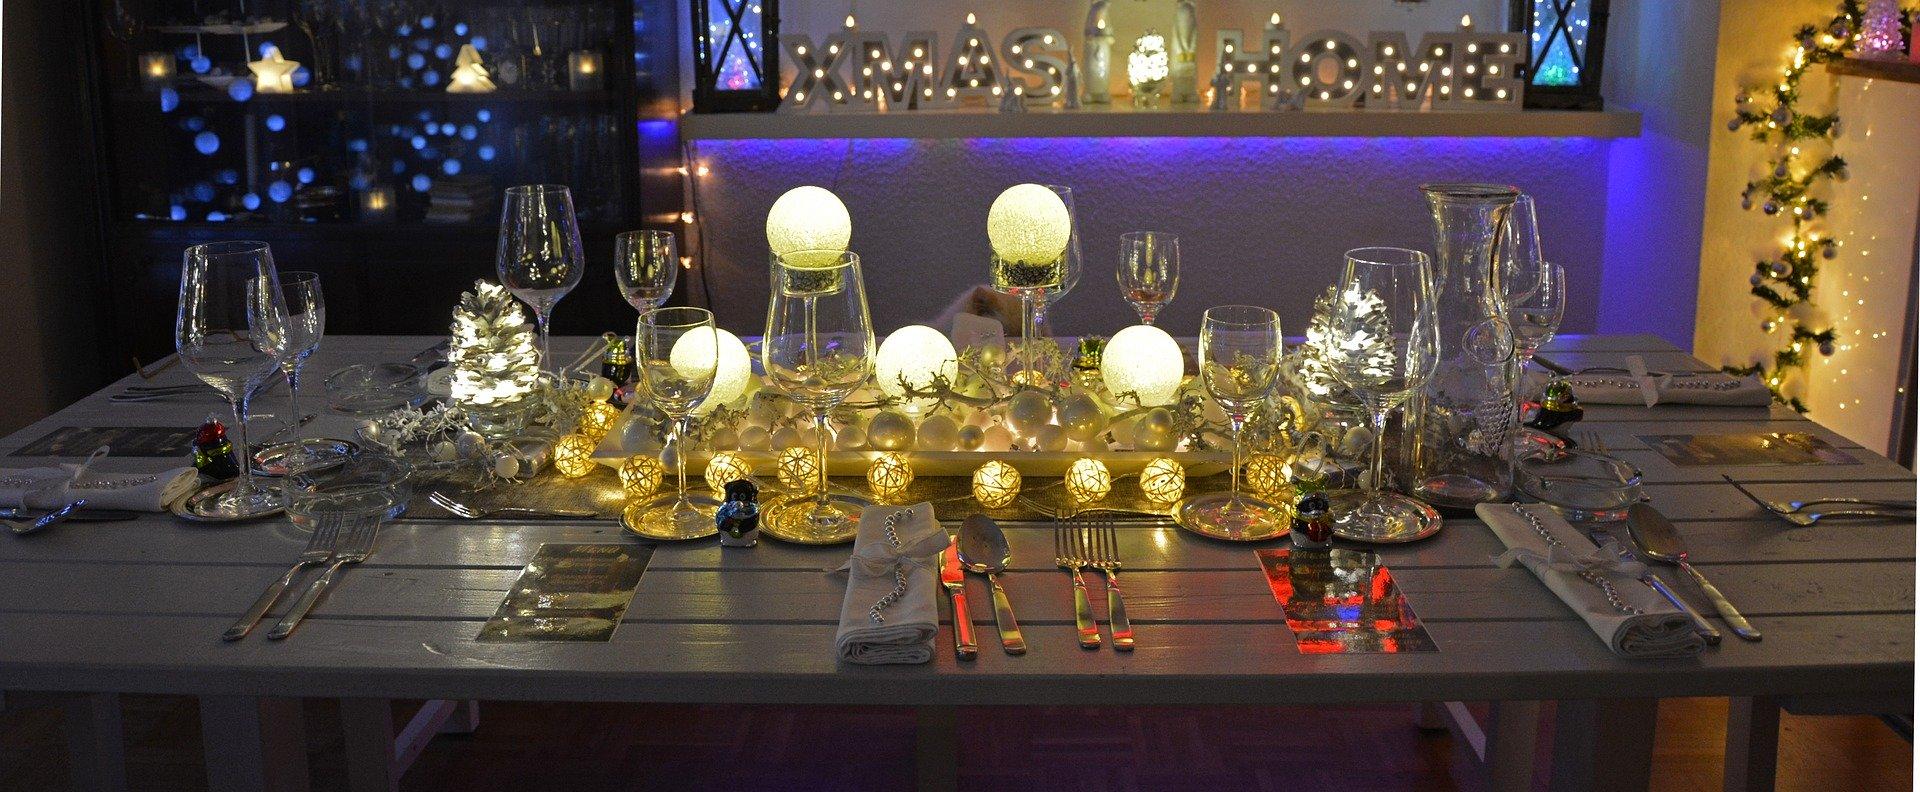 Für das Weihnachtessen gedeckter Tisch